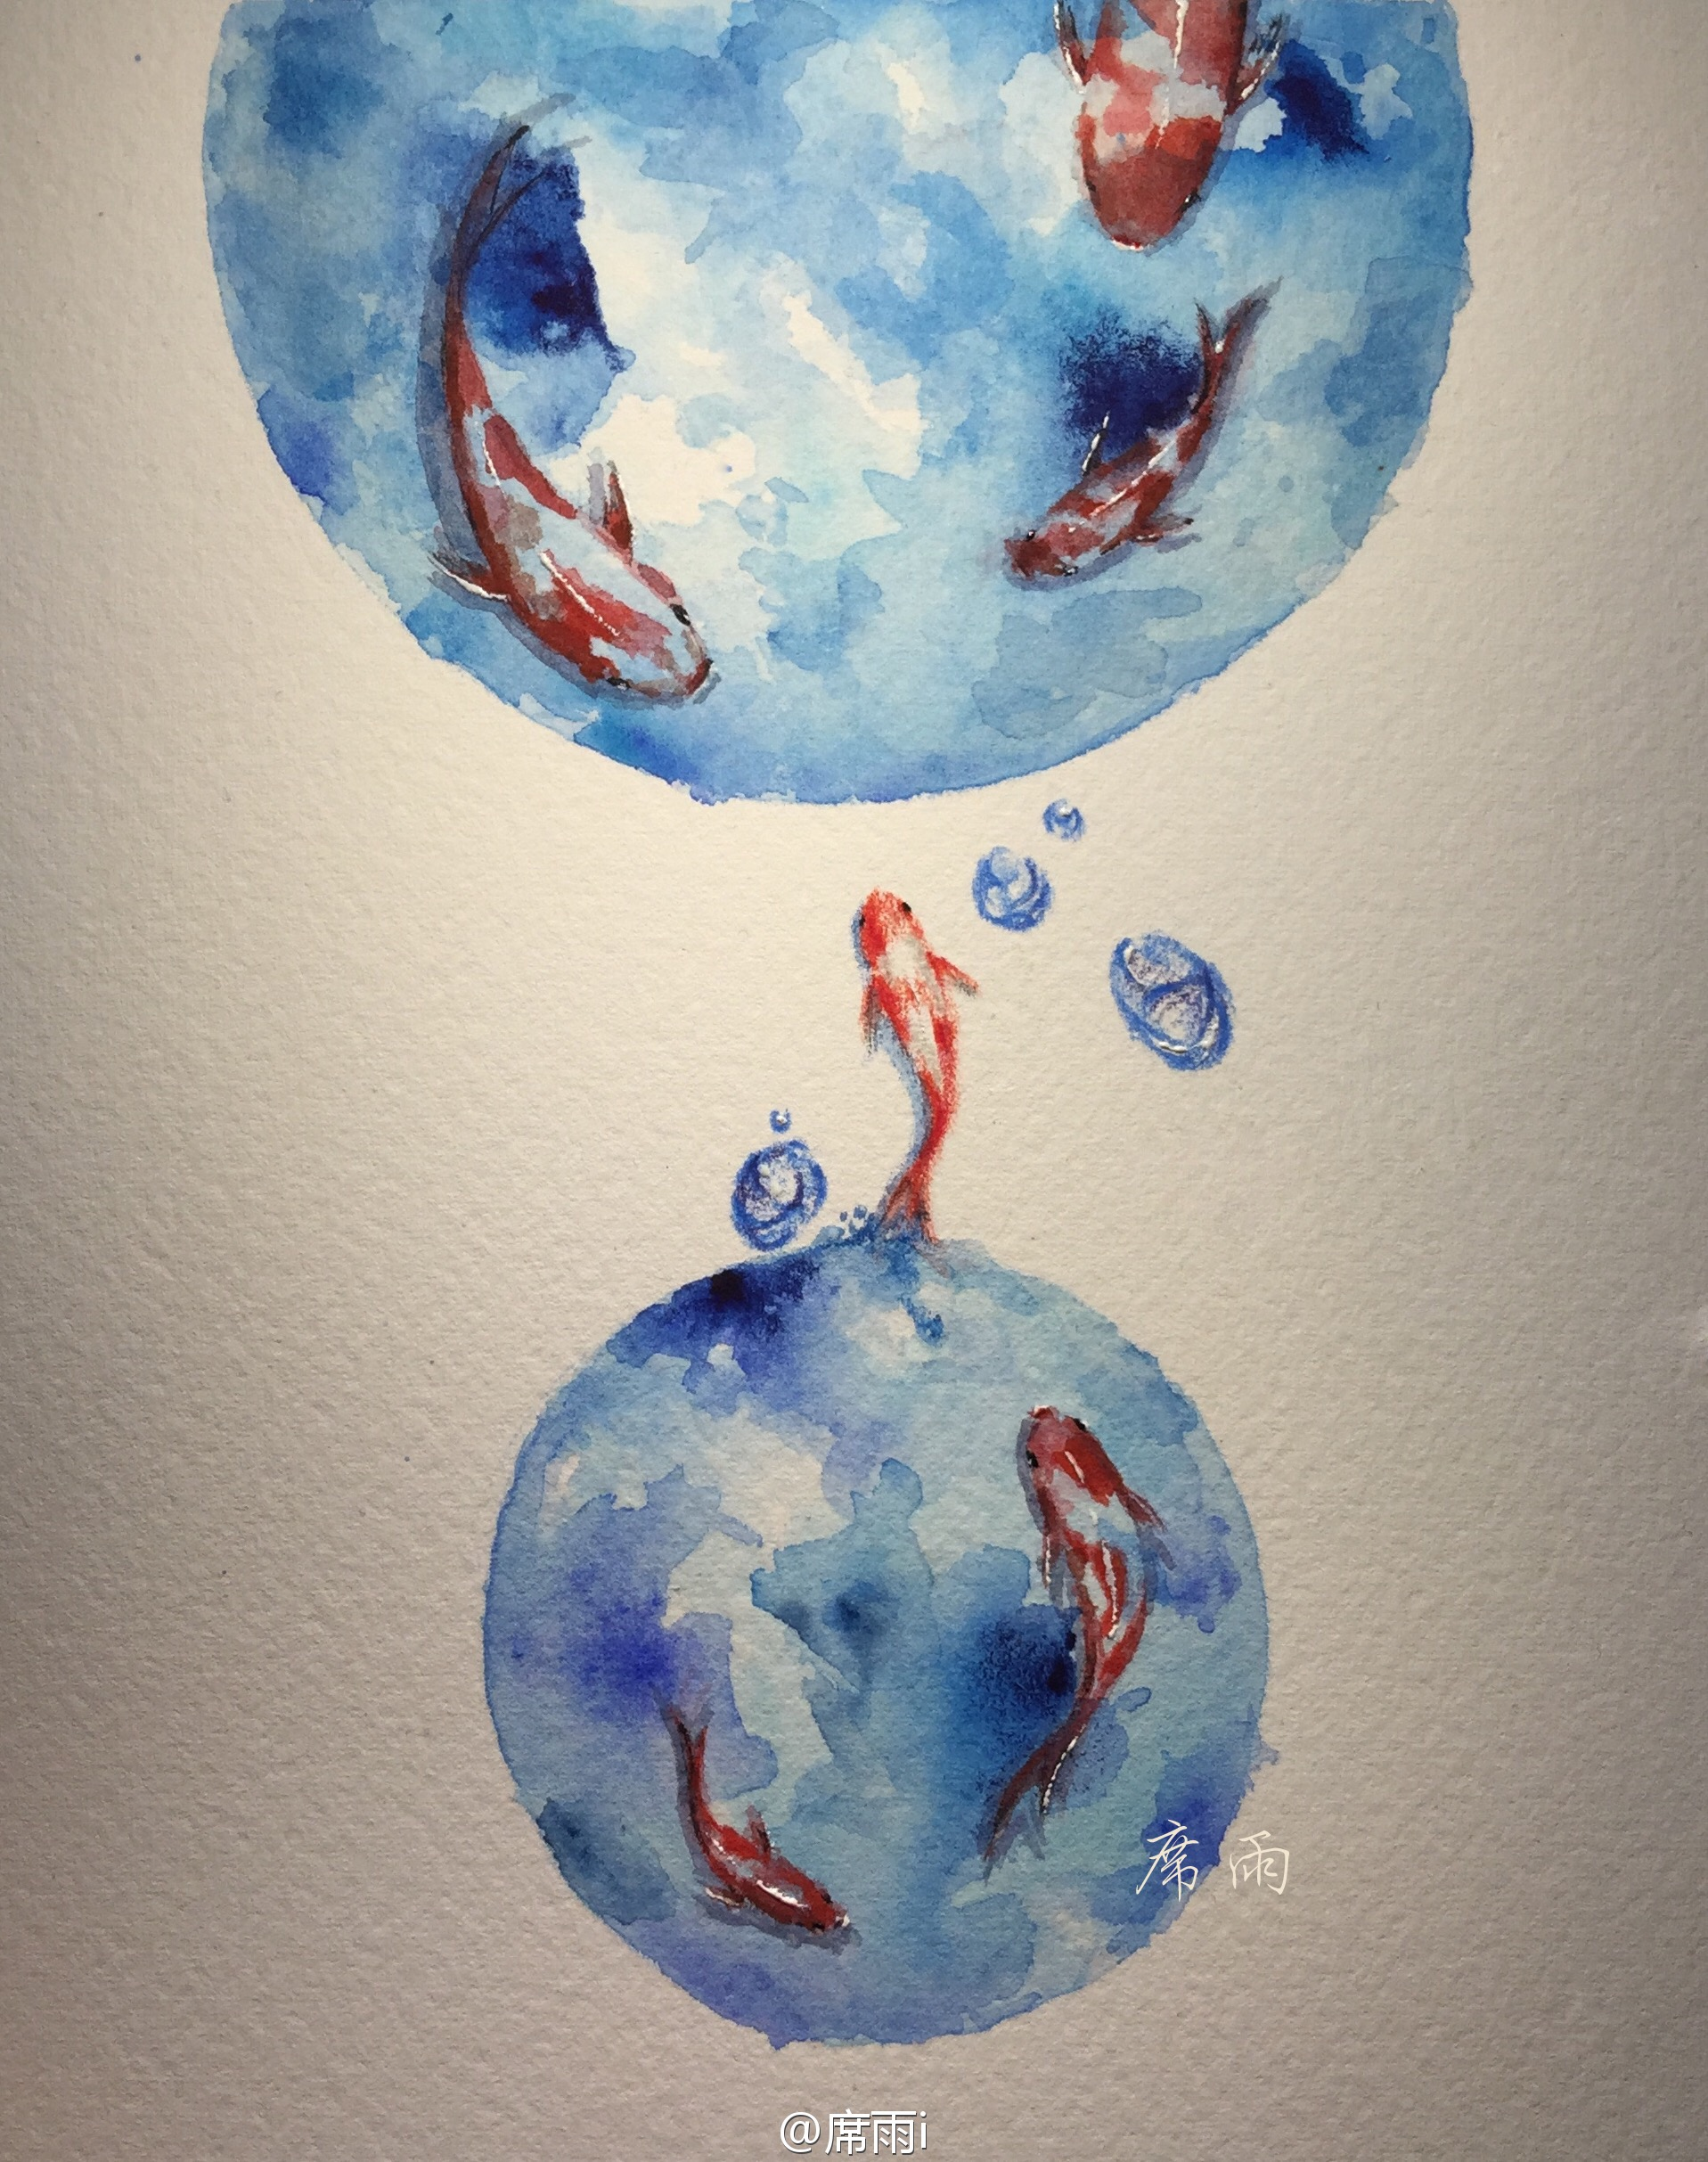 手绘水彩·鱼